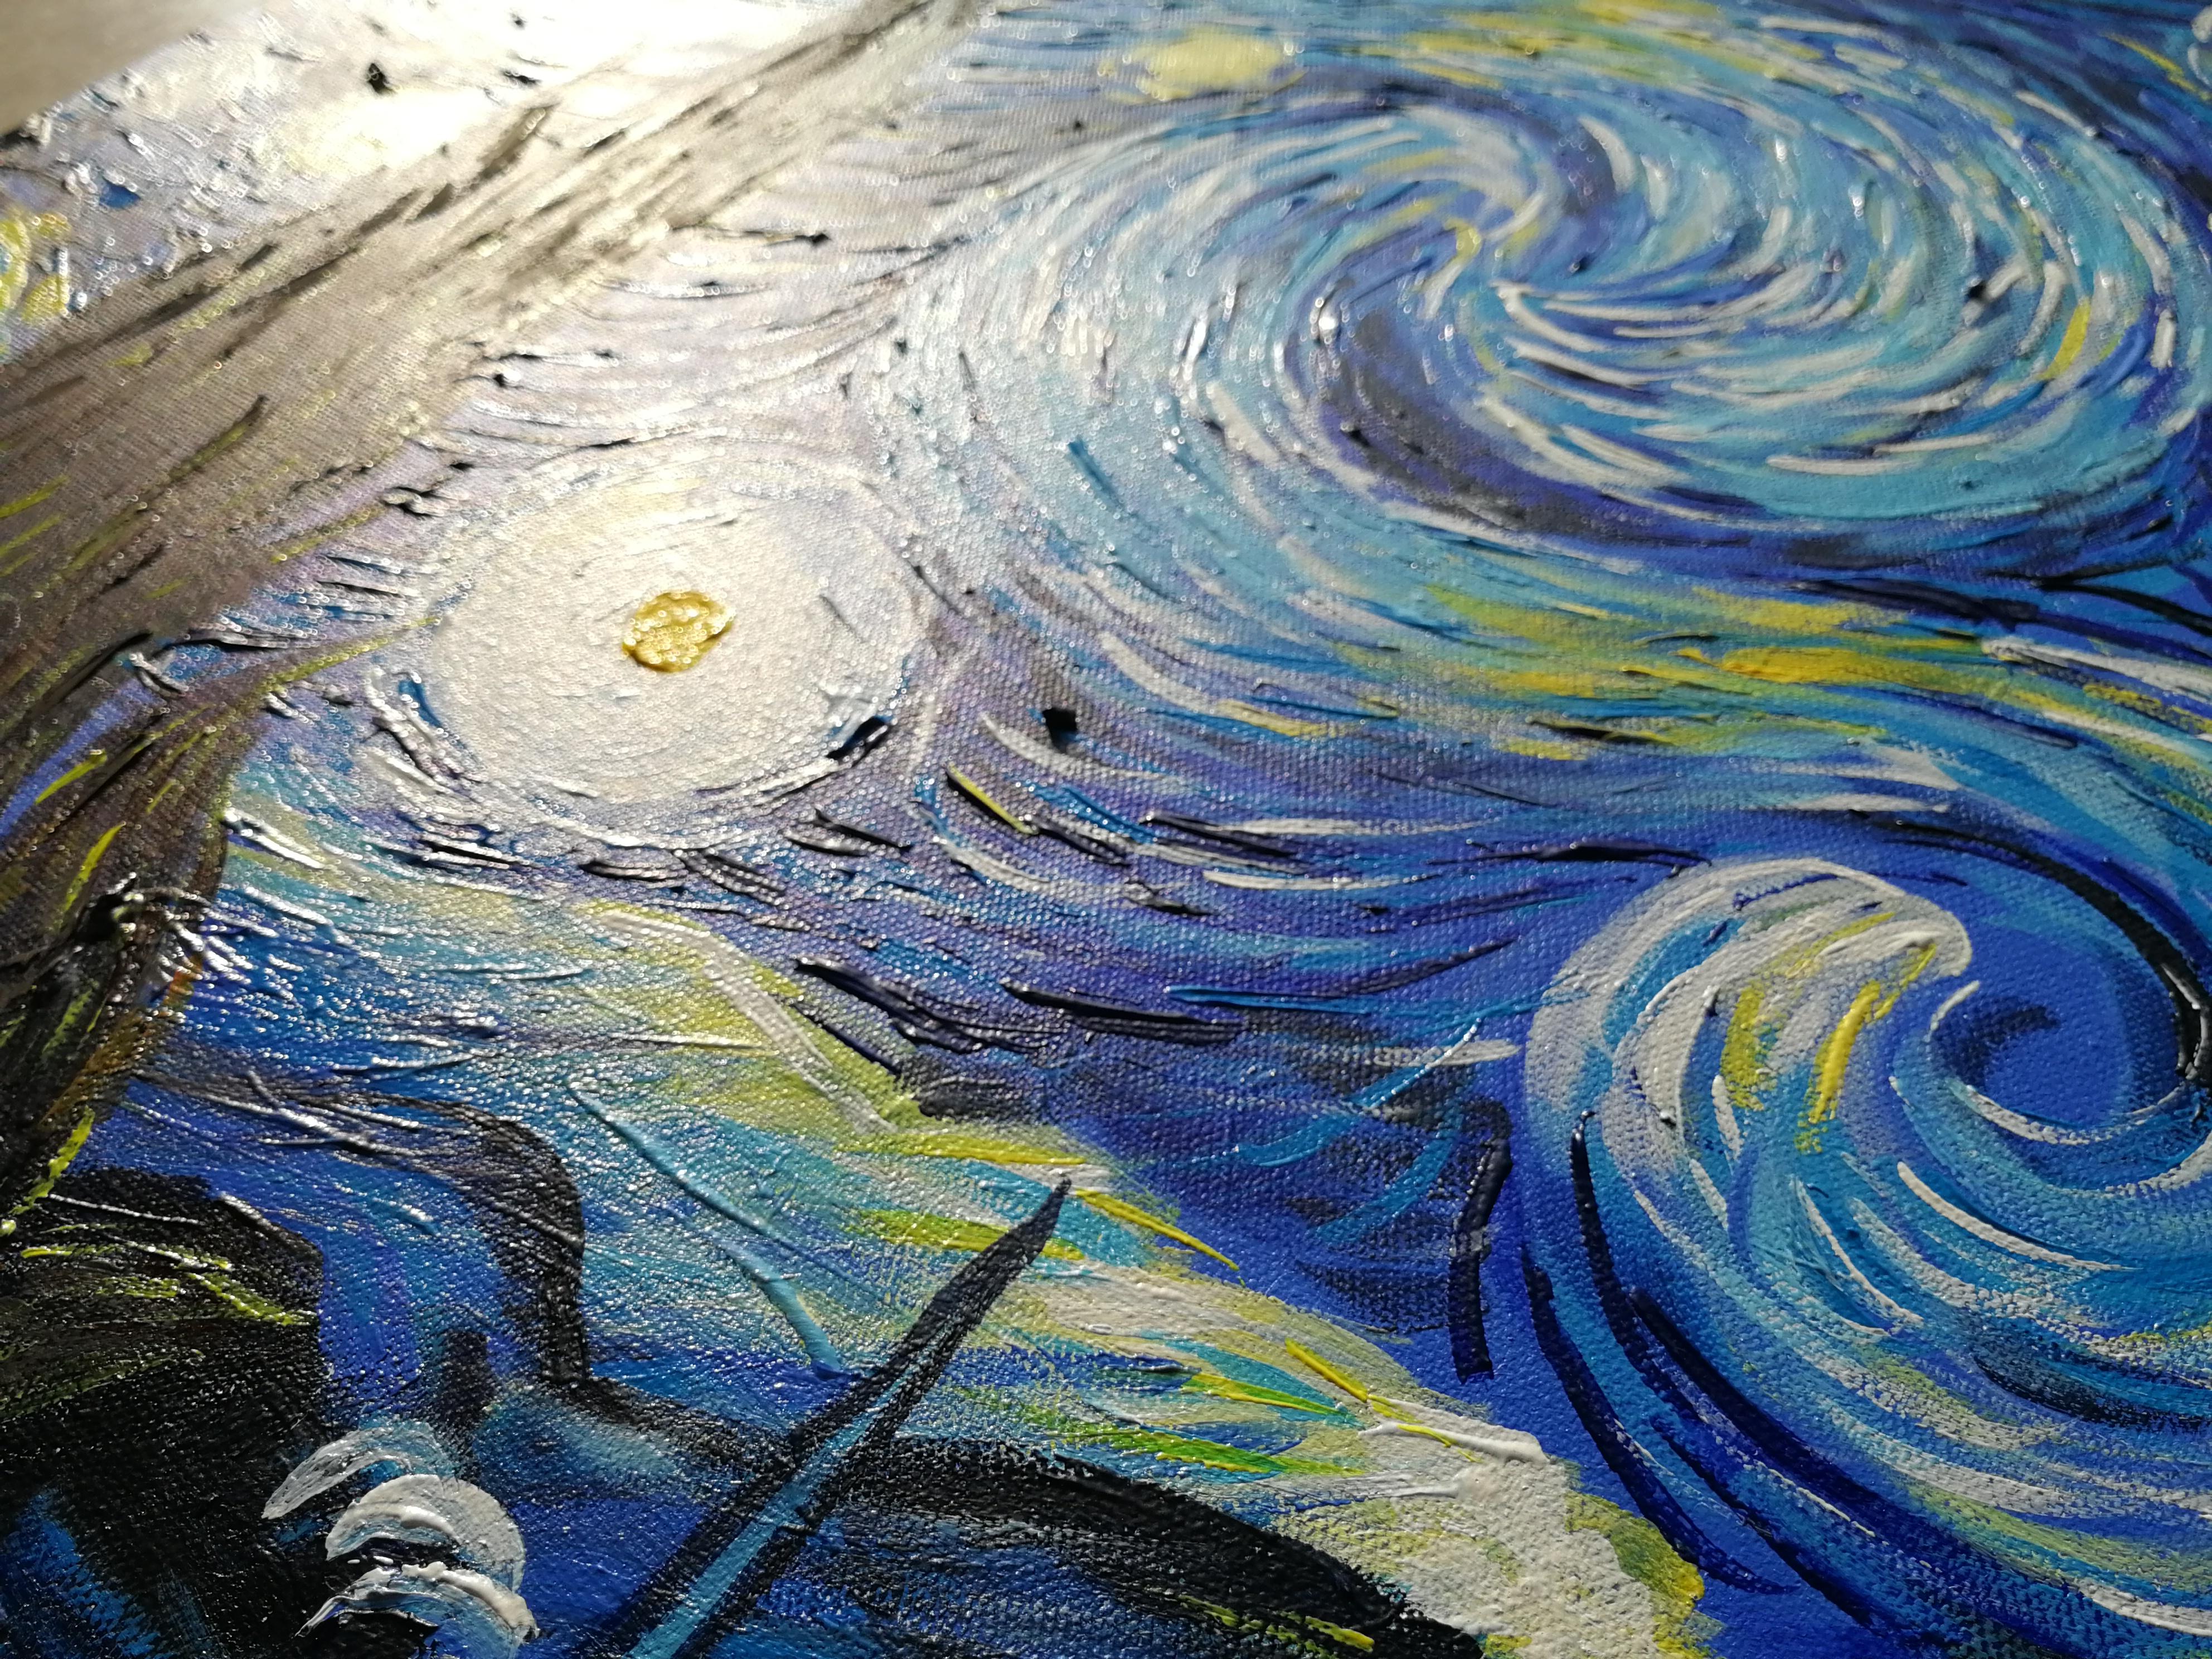 临摹梵高《星空》|纯艺术|油画|yushi6761 - 原创作品